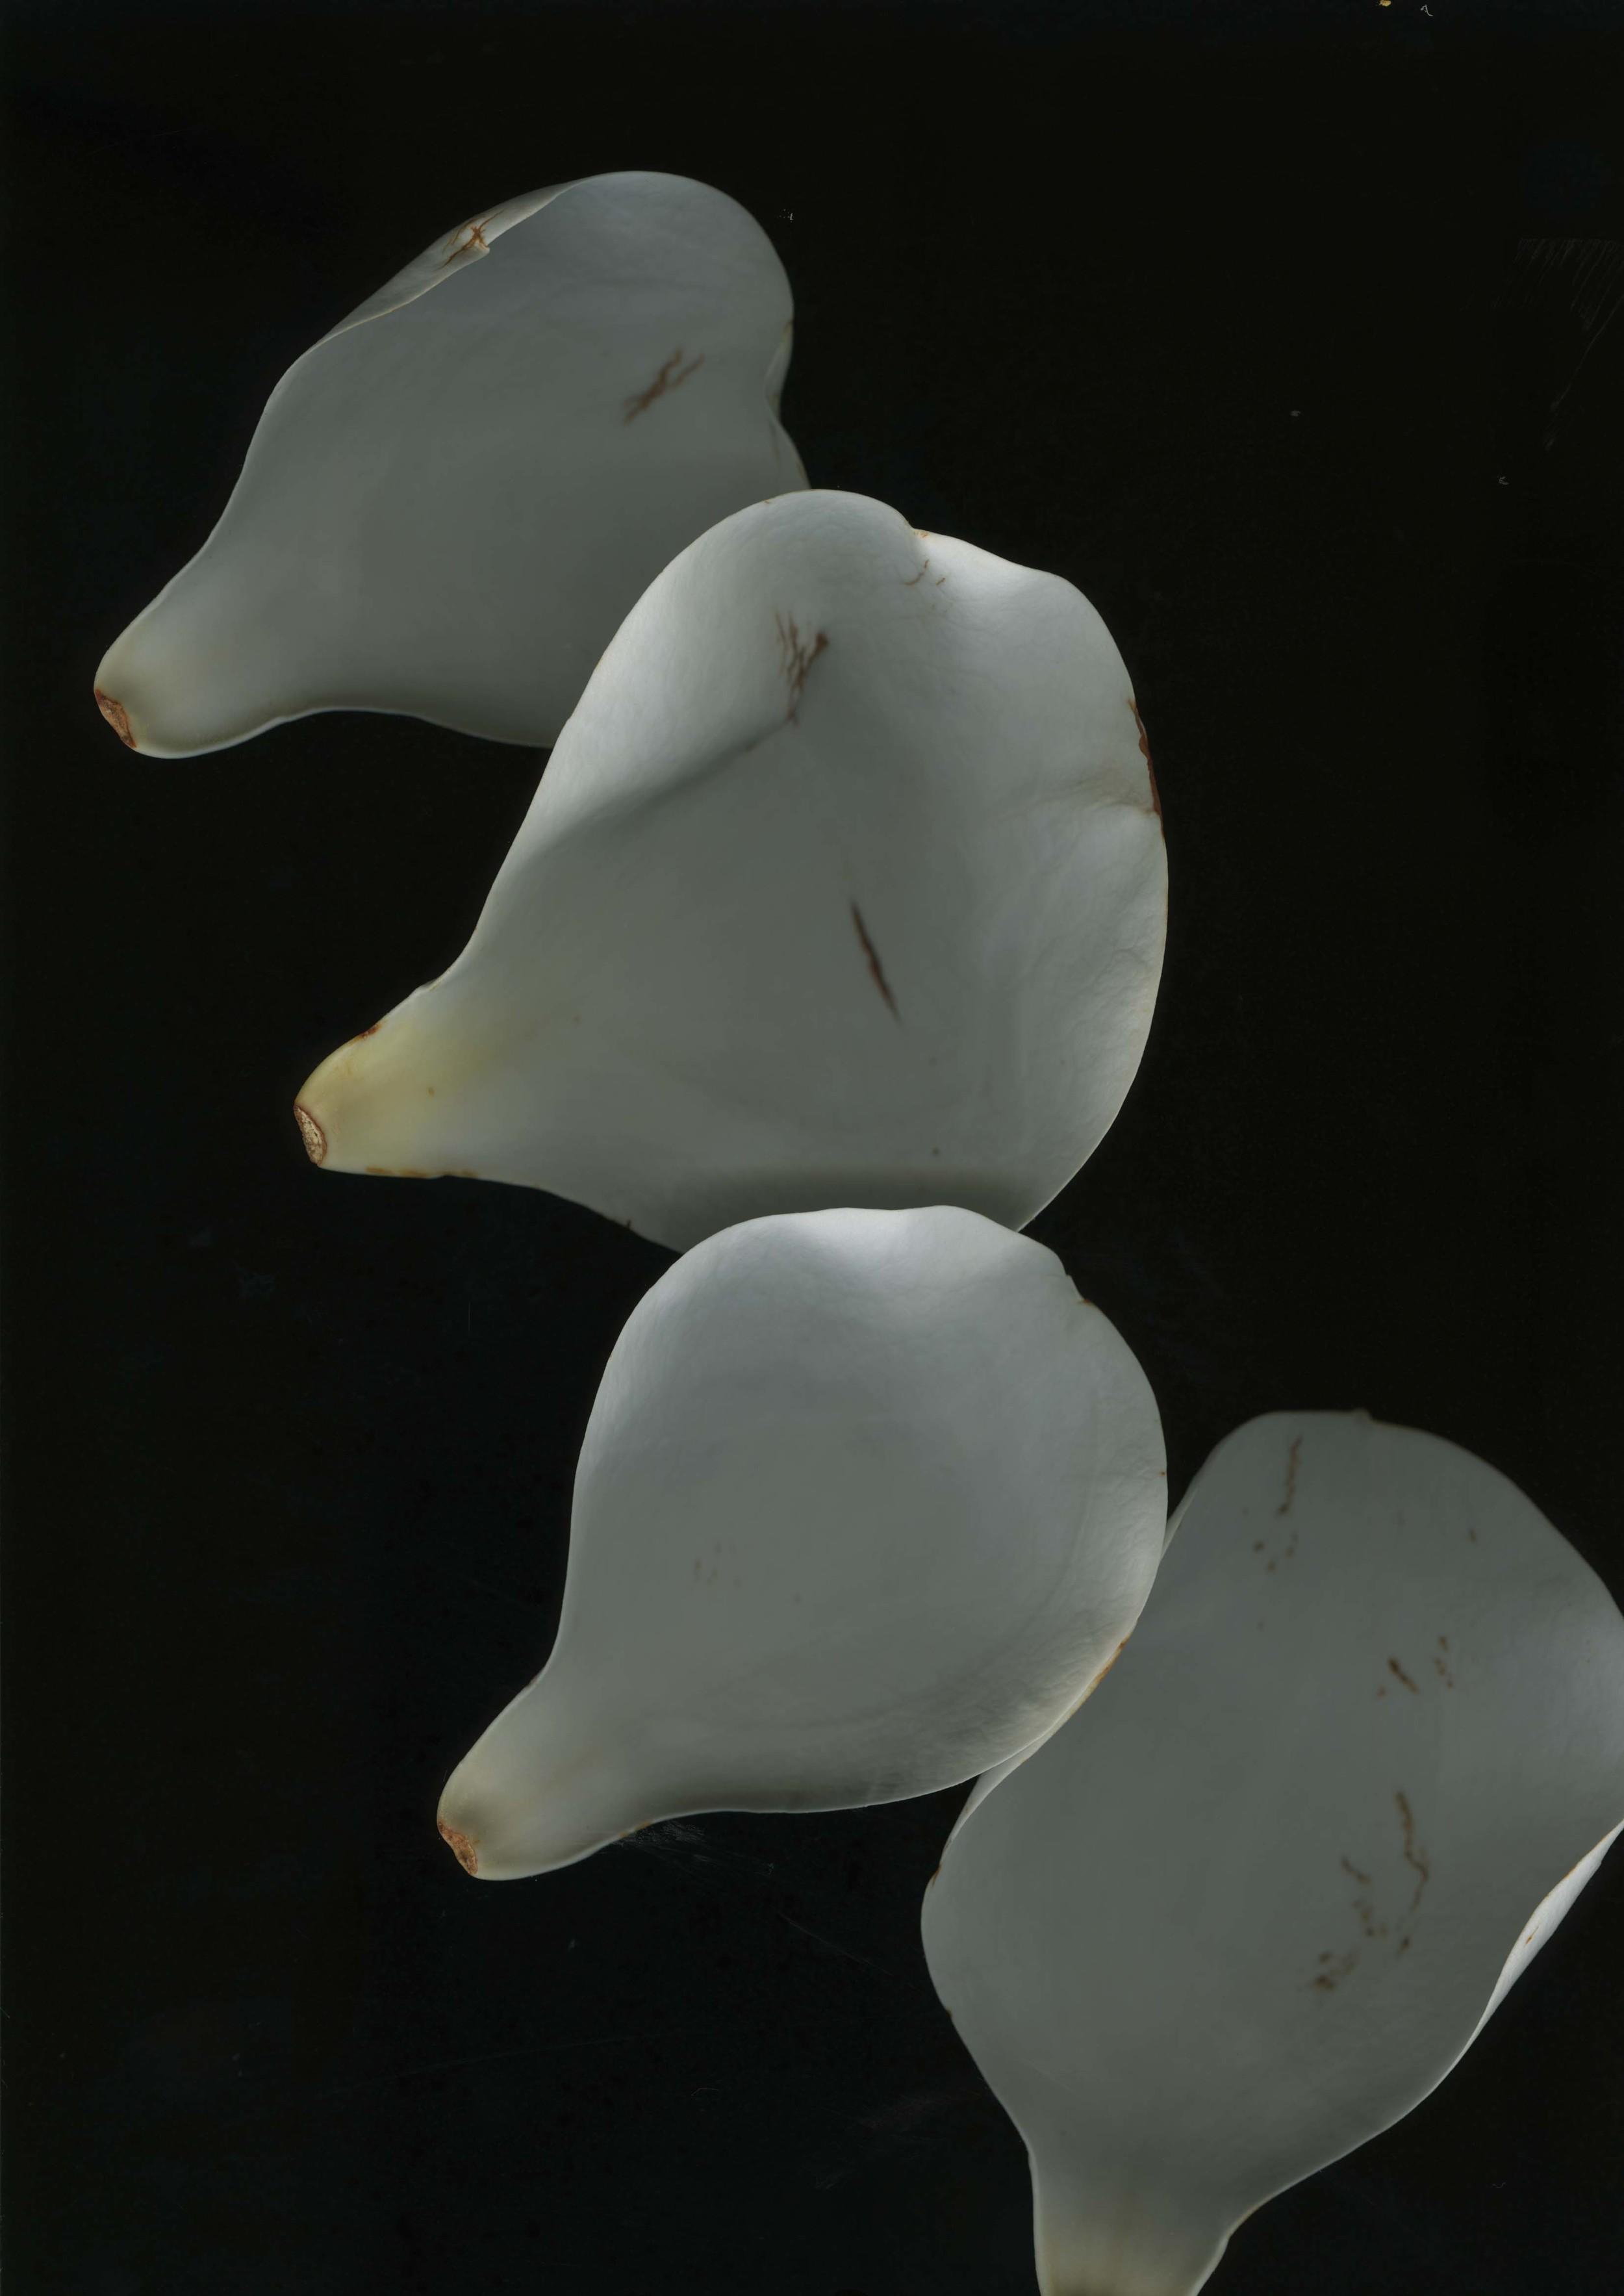 magnolialeafs_3.jpg